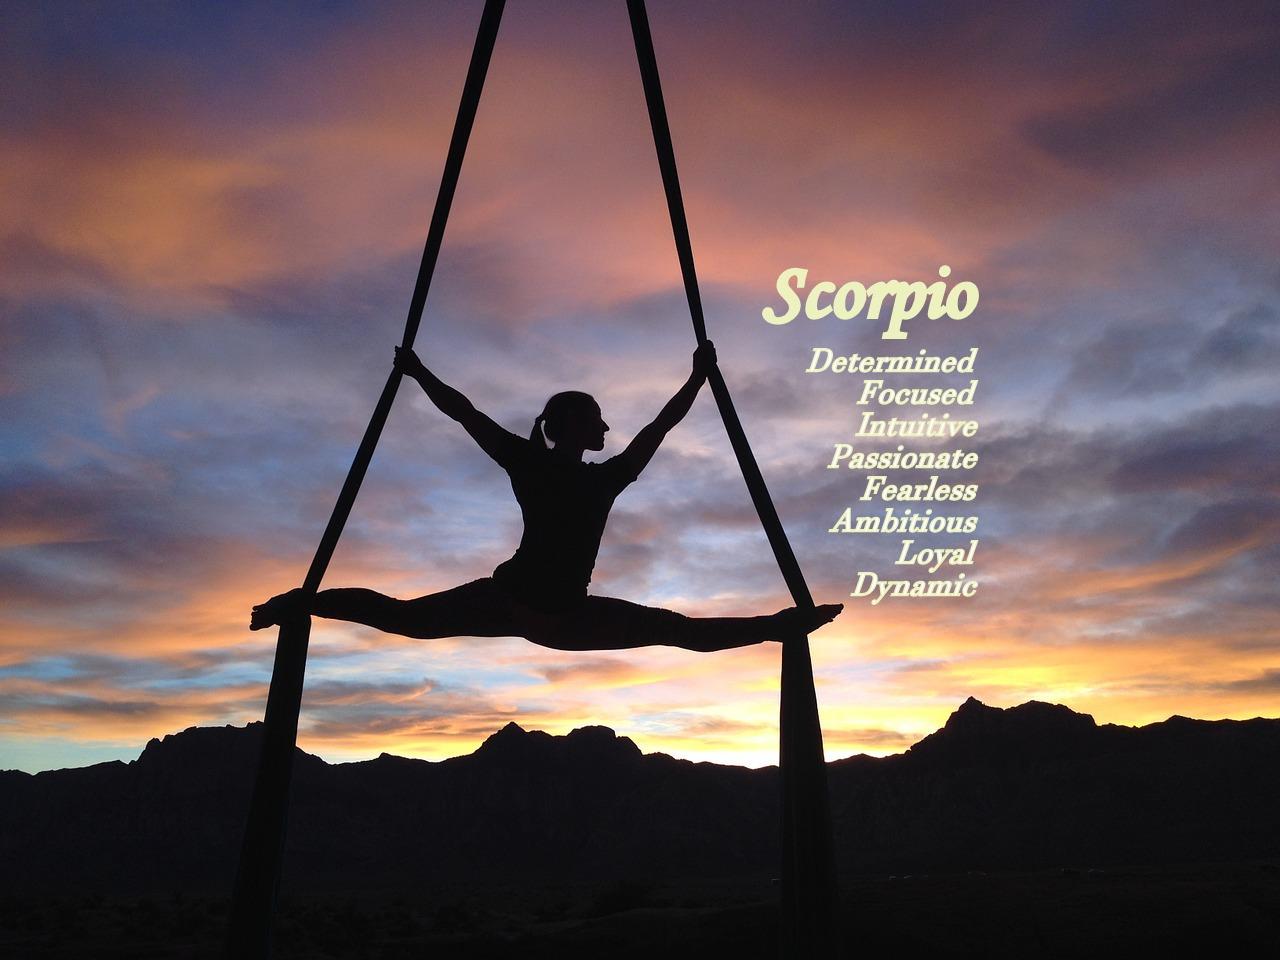 Home Decor for Scorpio